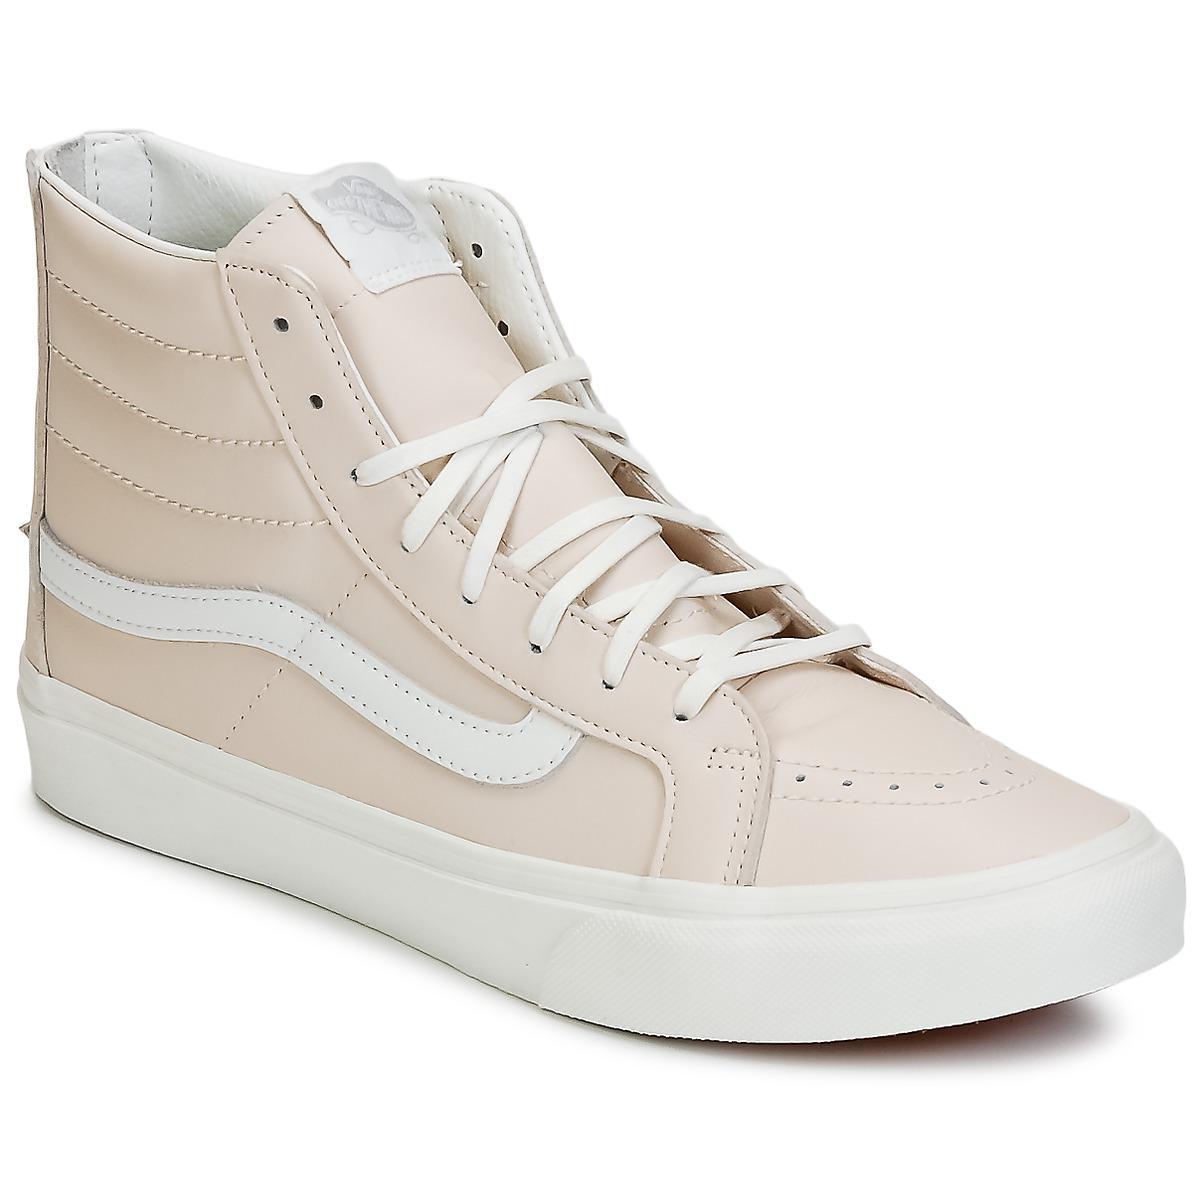 Vans Sk8 Hi Slim Zip Shoes High Top Trainers In Pink Lyst Sayings Sneakers True White Womens